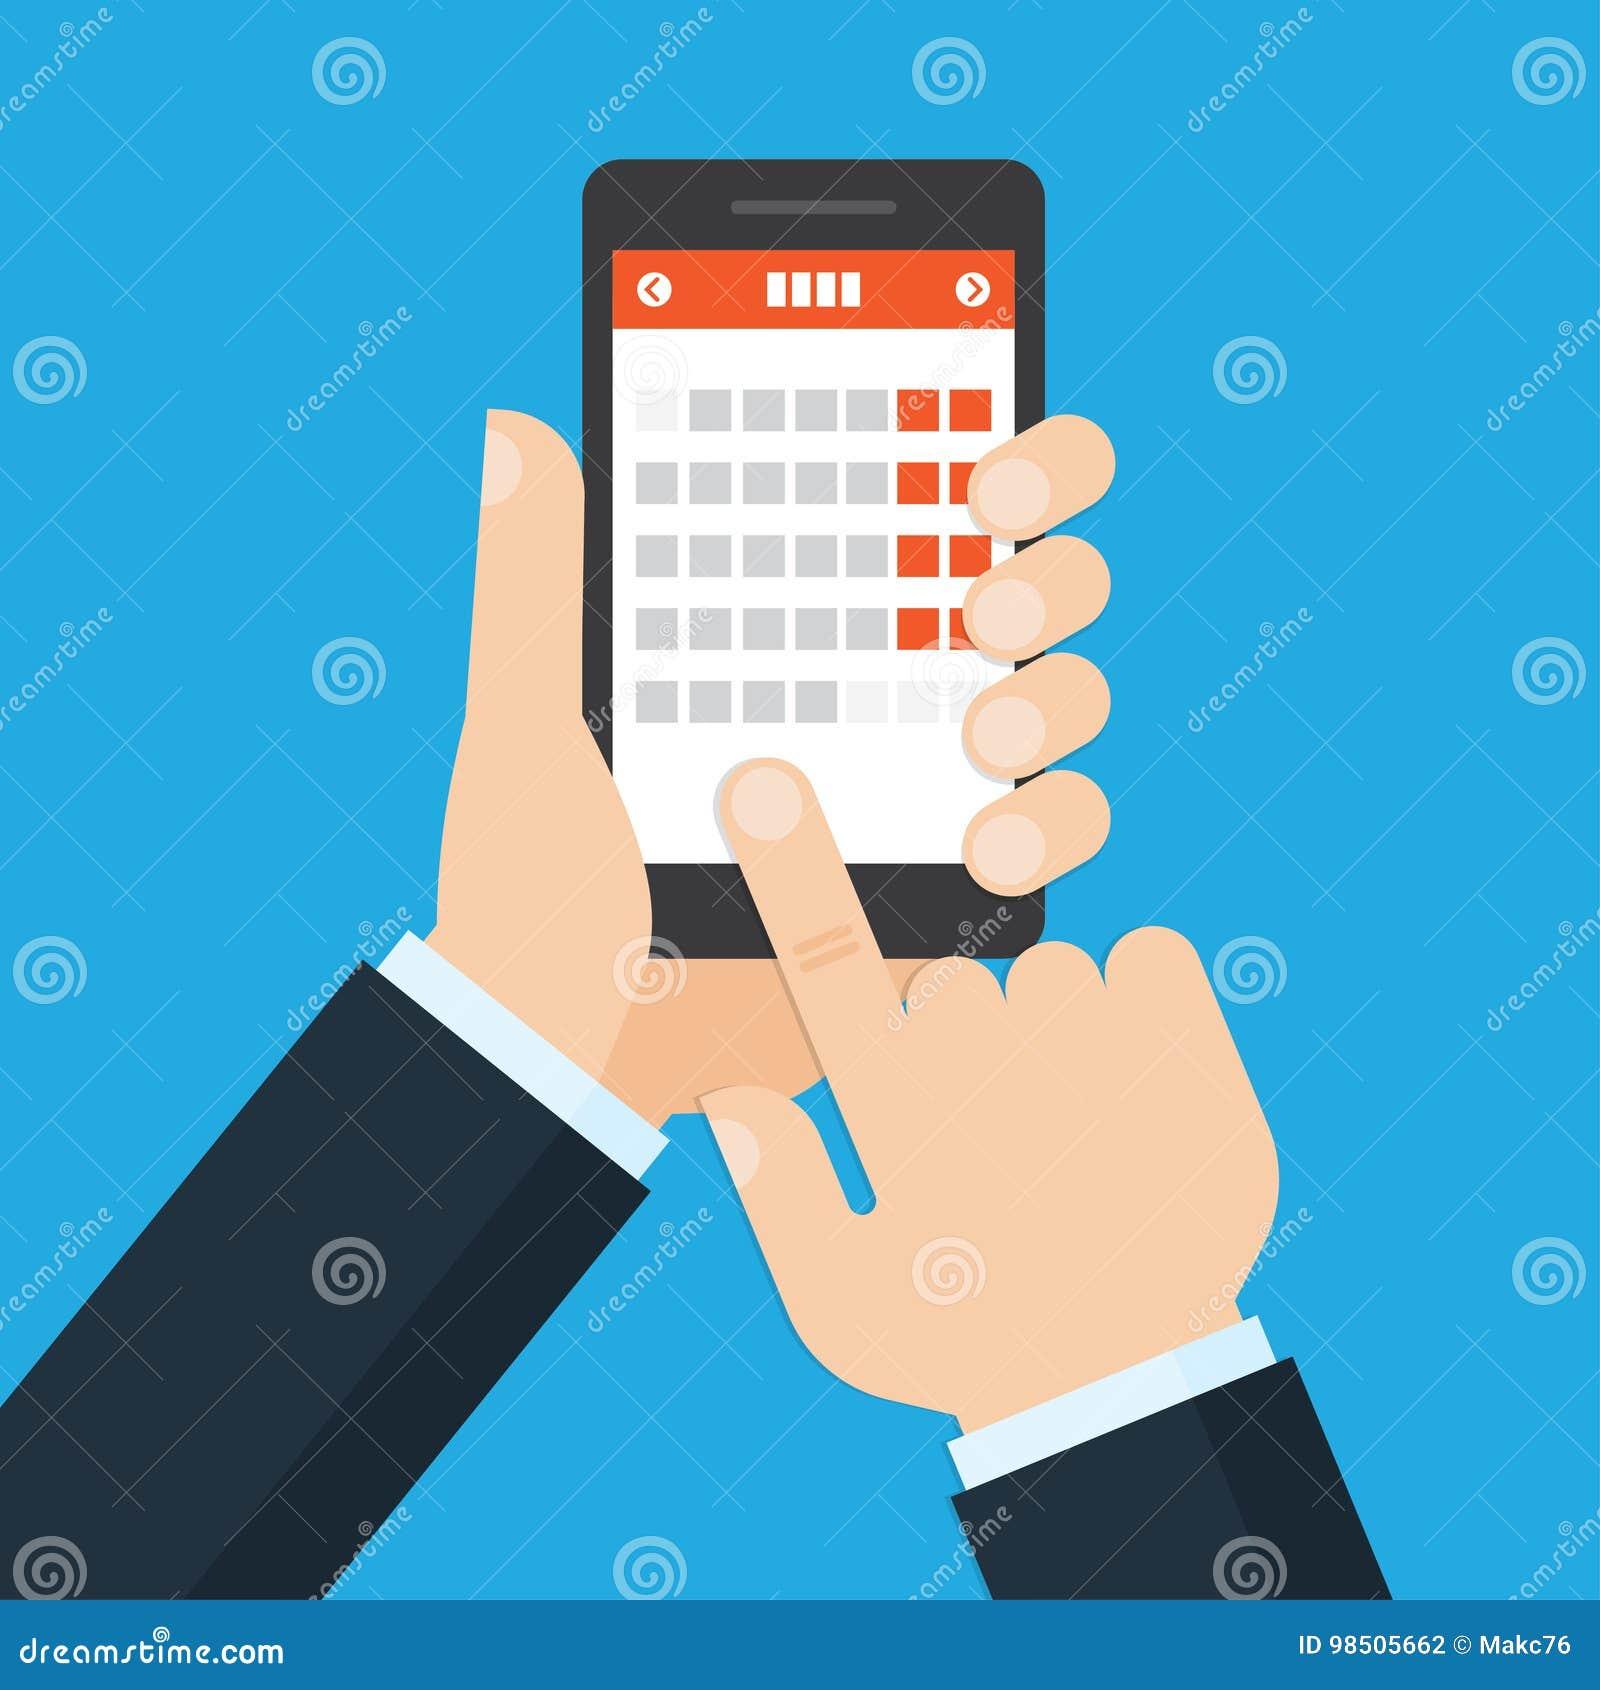 Mobiele toepassing voor kalender